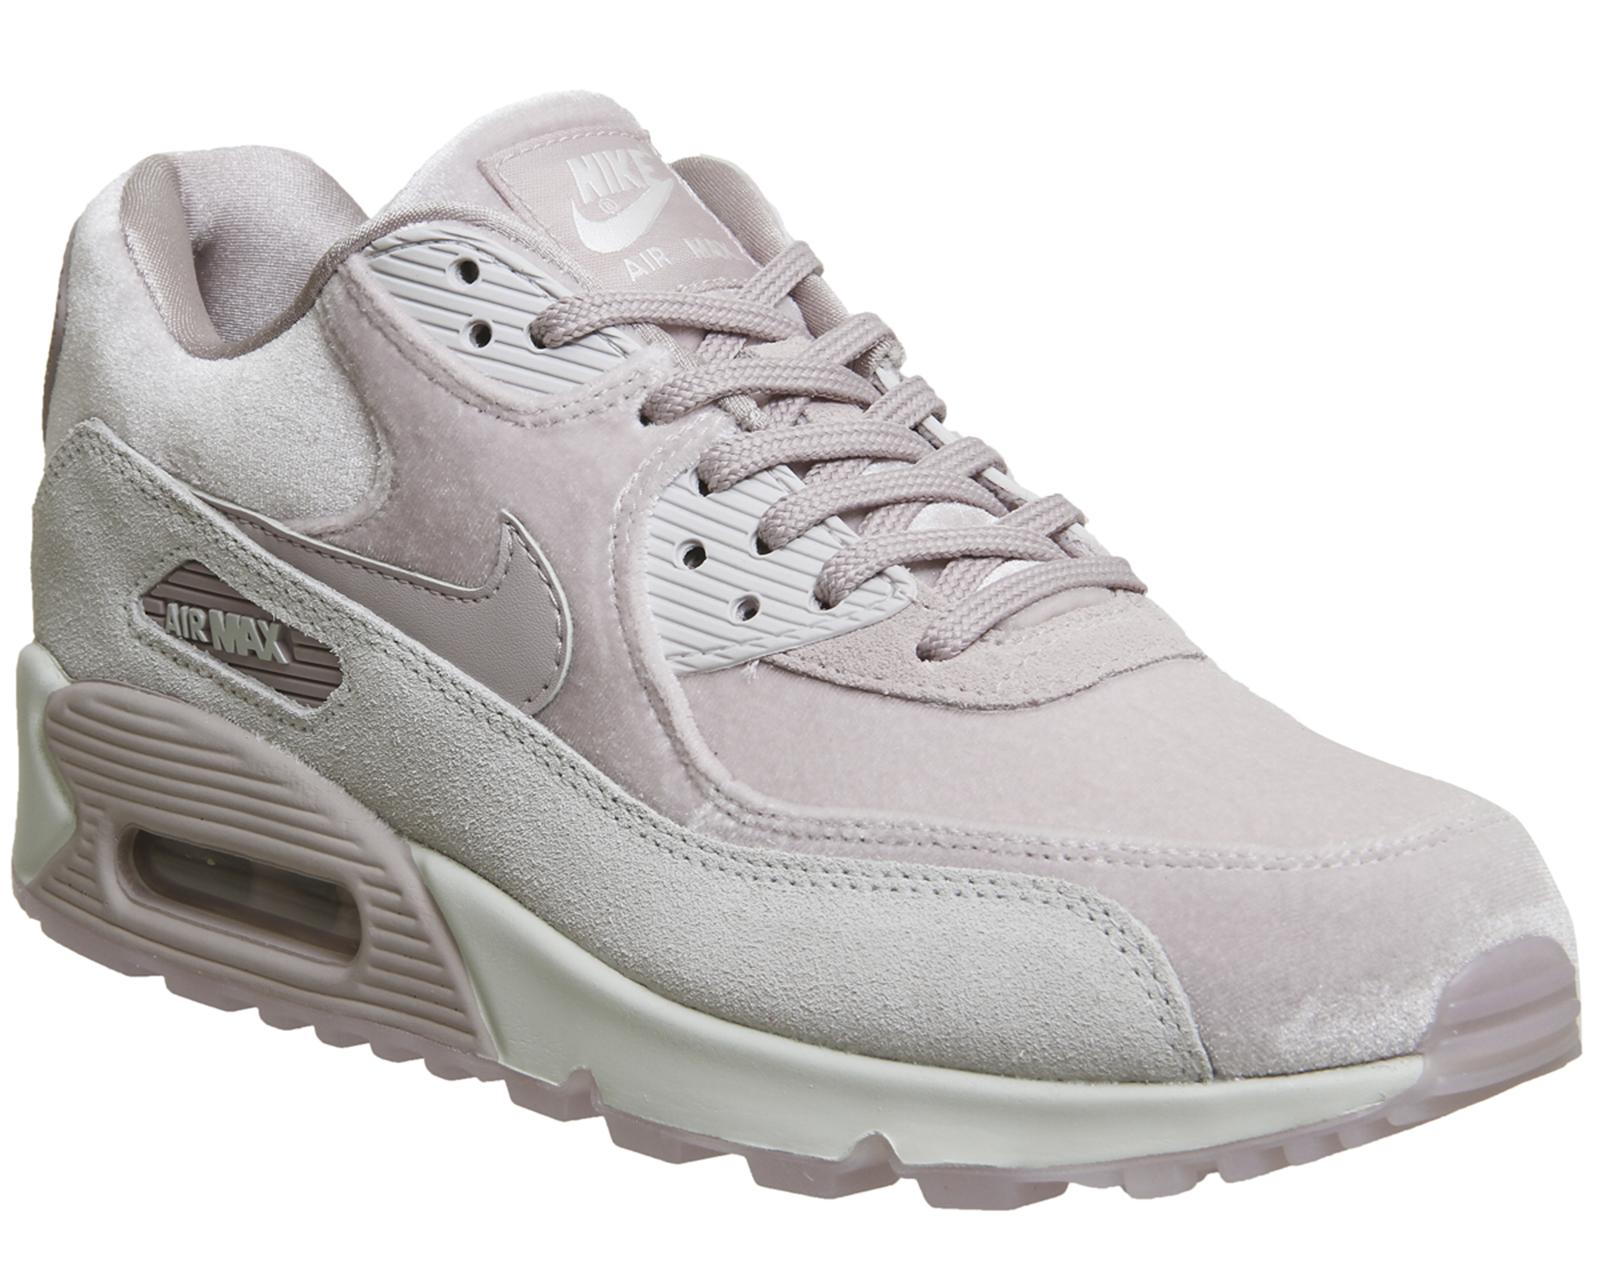 57313d97b69 Mens Barely Rose White Light Pumice Black Nike Air Max 90 Premium Le pack  Nike Wmns Air Max Lux Dusty Peach WMNS AIR MAX 90 1 RED SEPIA pas cher   u0026 ...